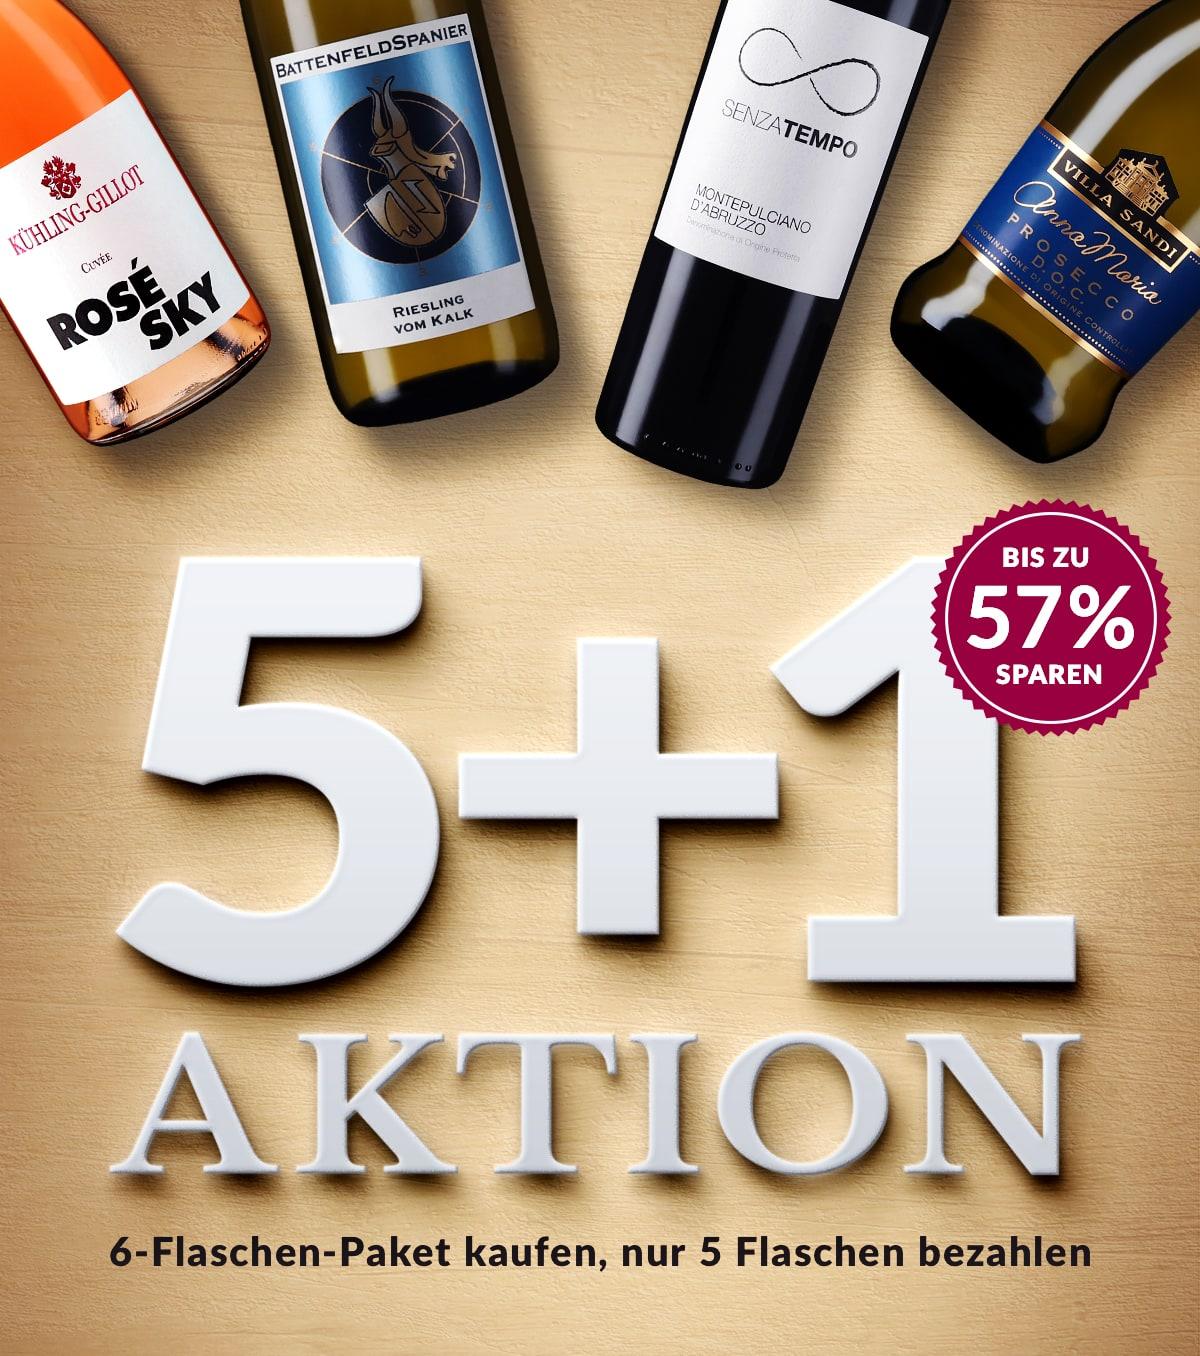 Große 5 + 1 Aktion bei [Vicampo] mit 65 unterschiedlichen Weinen - z.B. 6 Flaschen VDP.Gutsriesling Gutzler